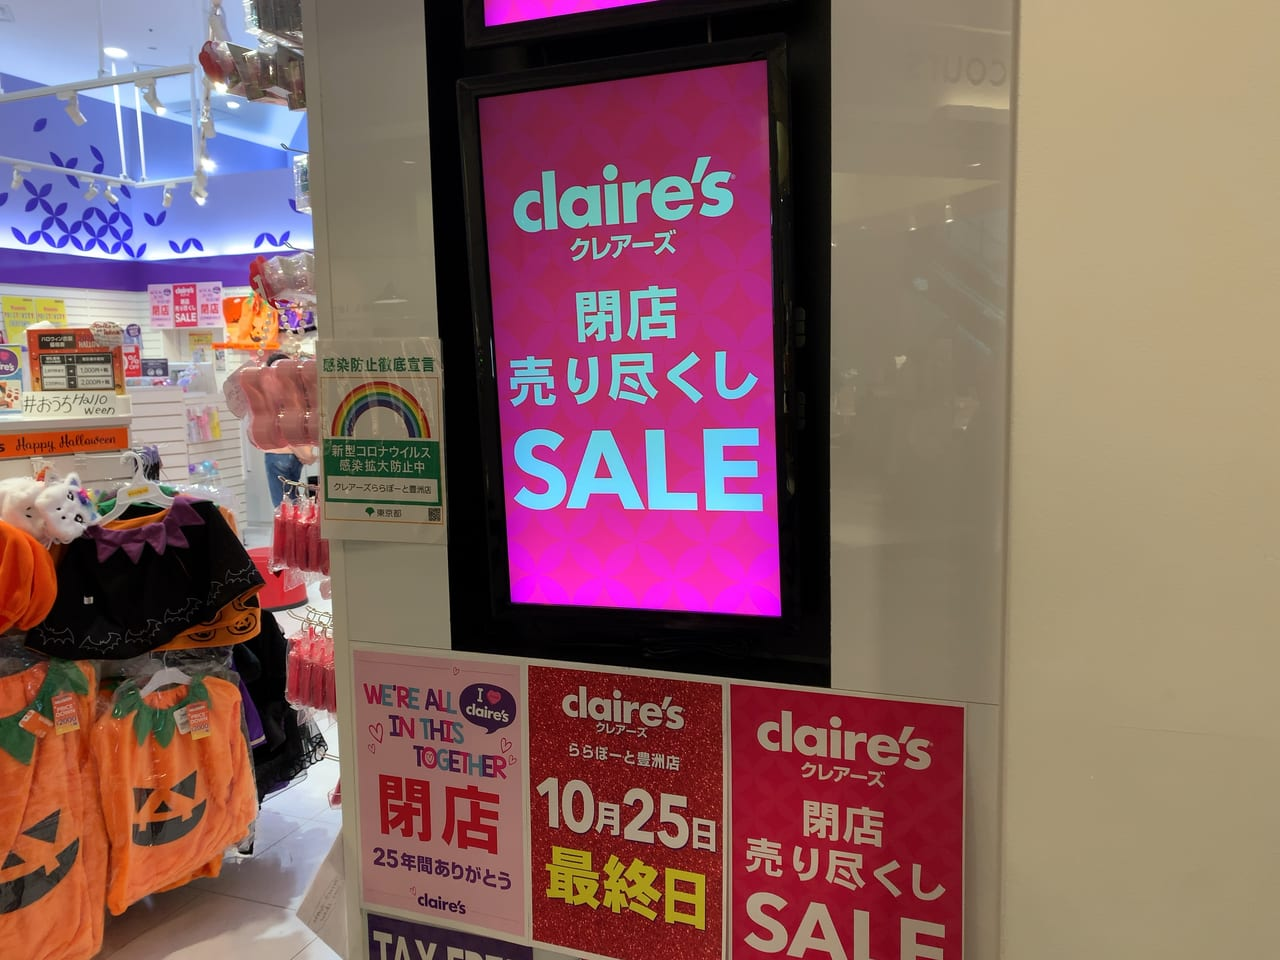 撤退 クレアーズ 日本 「クレアーズ(Claire's)」日本撤退「swimmerも大中もクレアーズも無くなっちゃった」「悲しすぎるし困る」とショックの声  